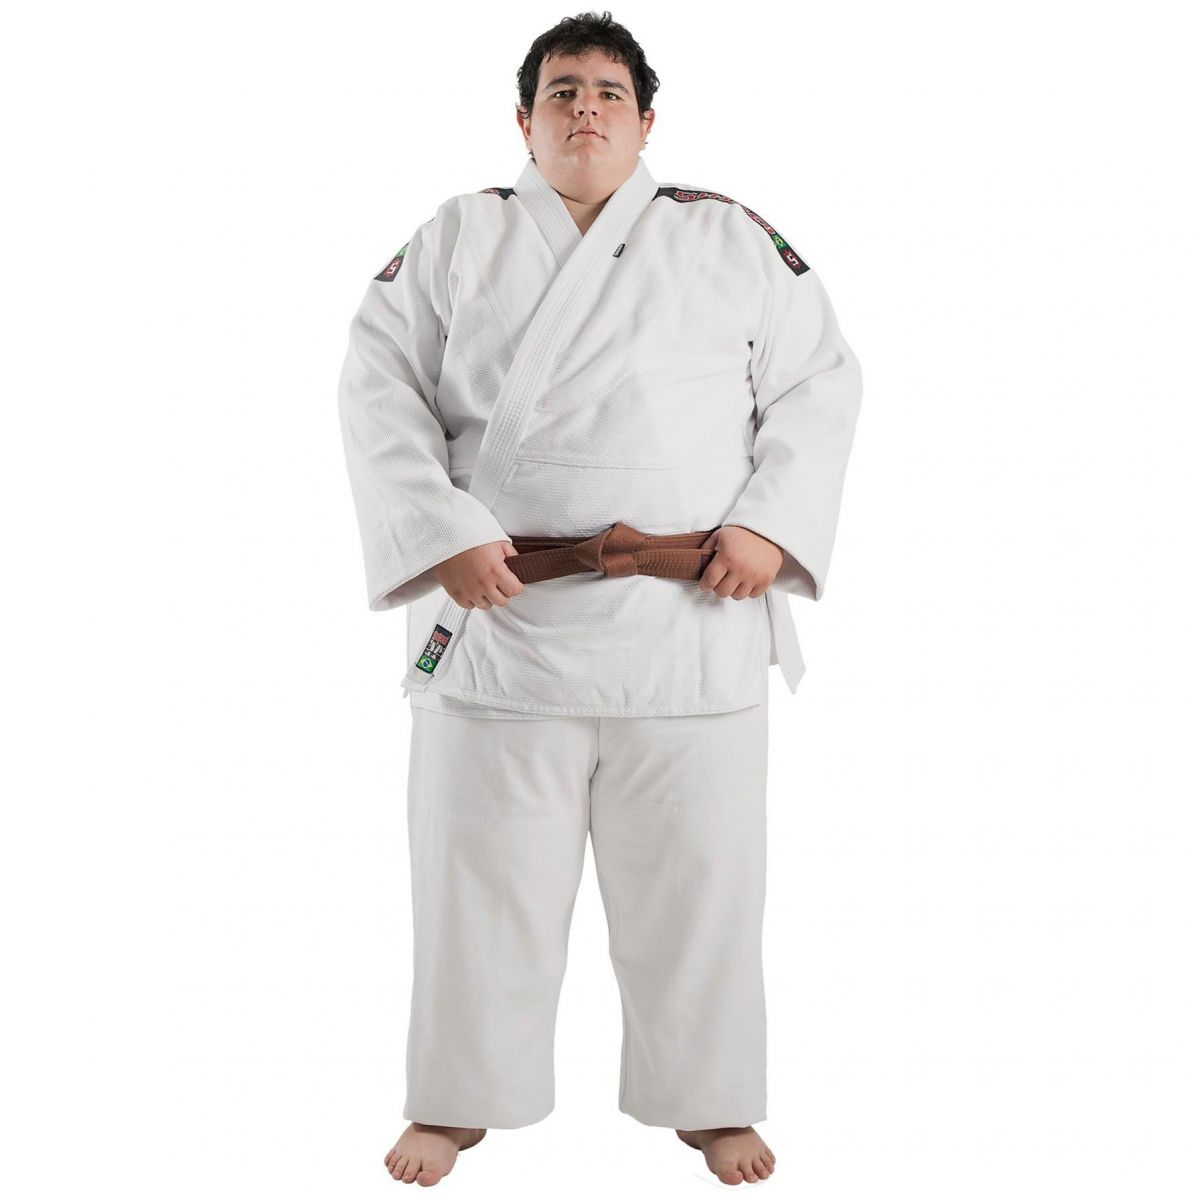 Kimono Judo - Trancado - Master - Shiroi - Branco